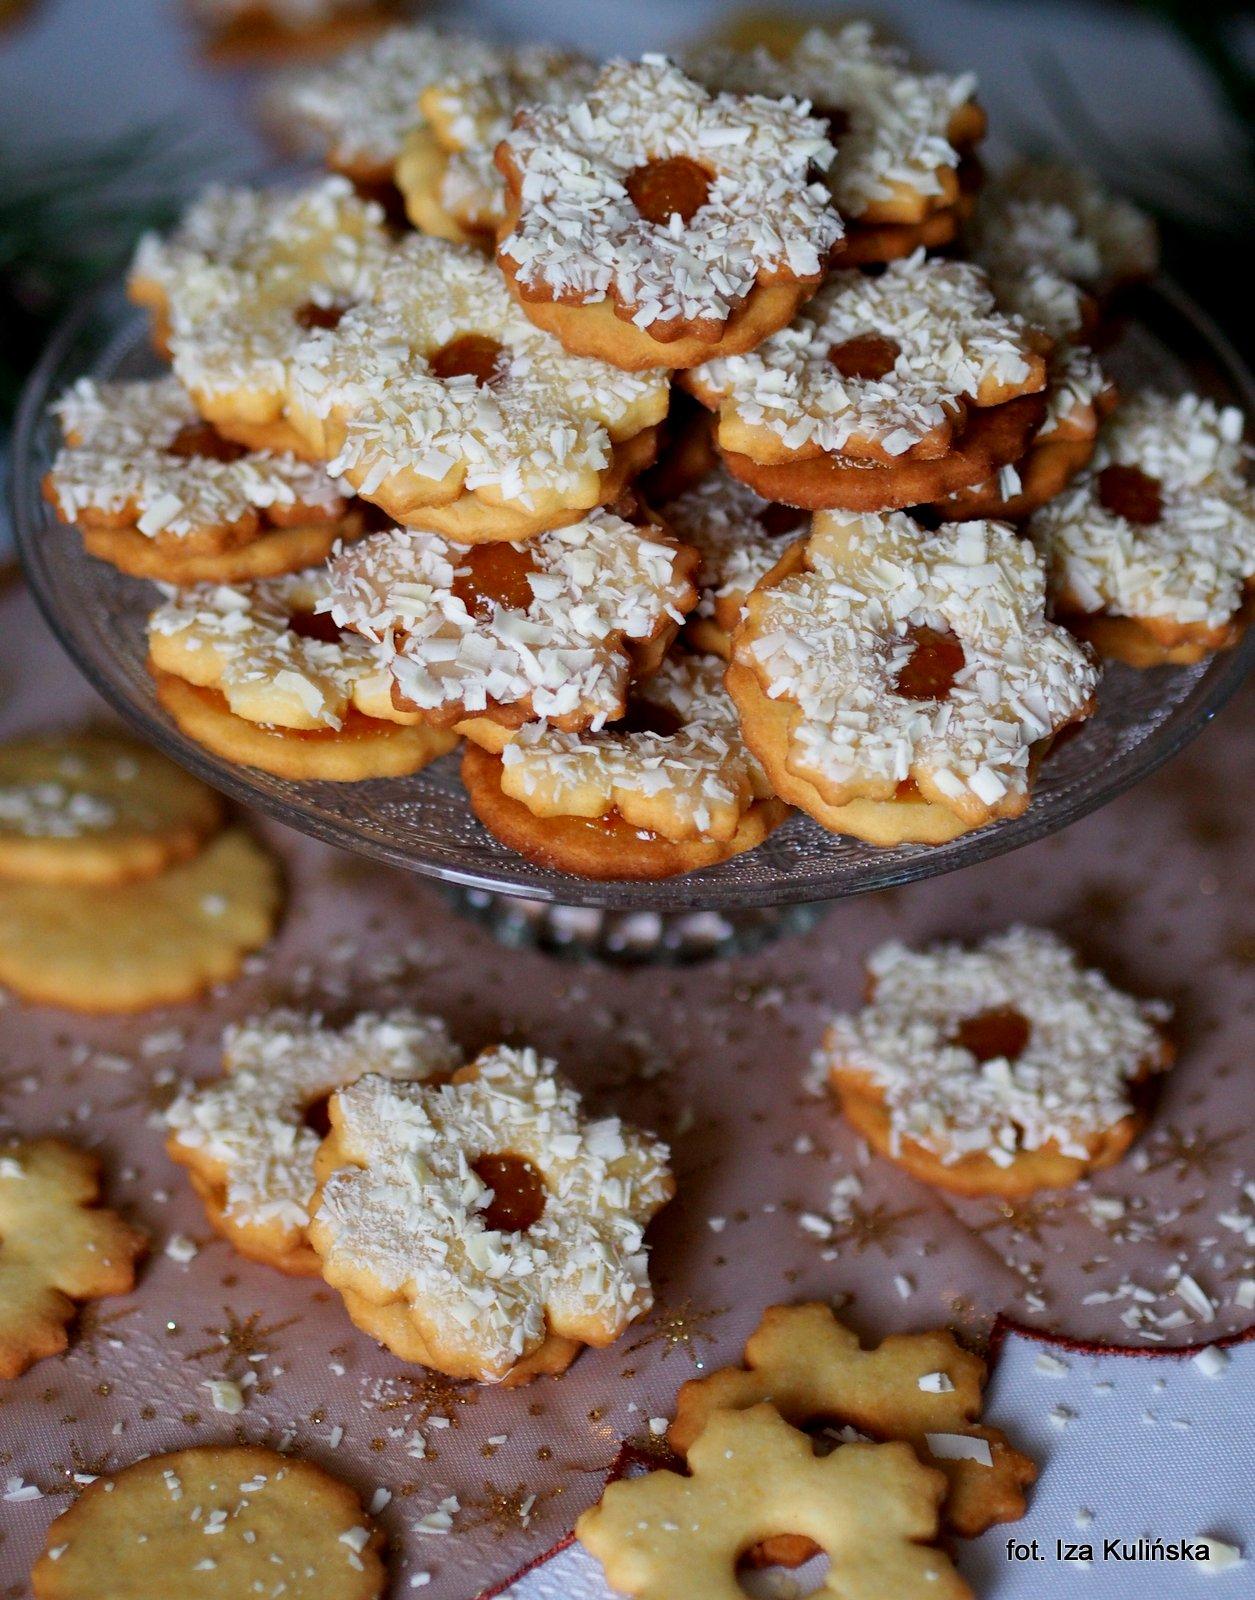 Ciasteczka pomarańczowe. Konfitura z gorzkich pomarańczy i biała czekolada